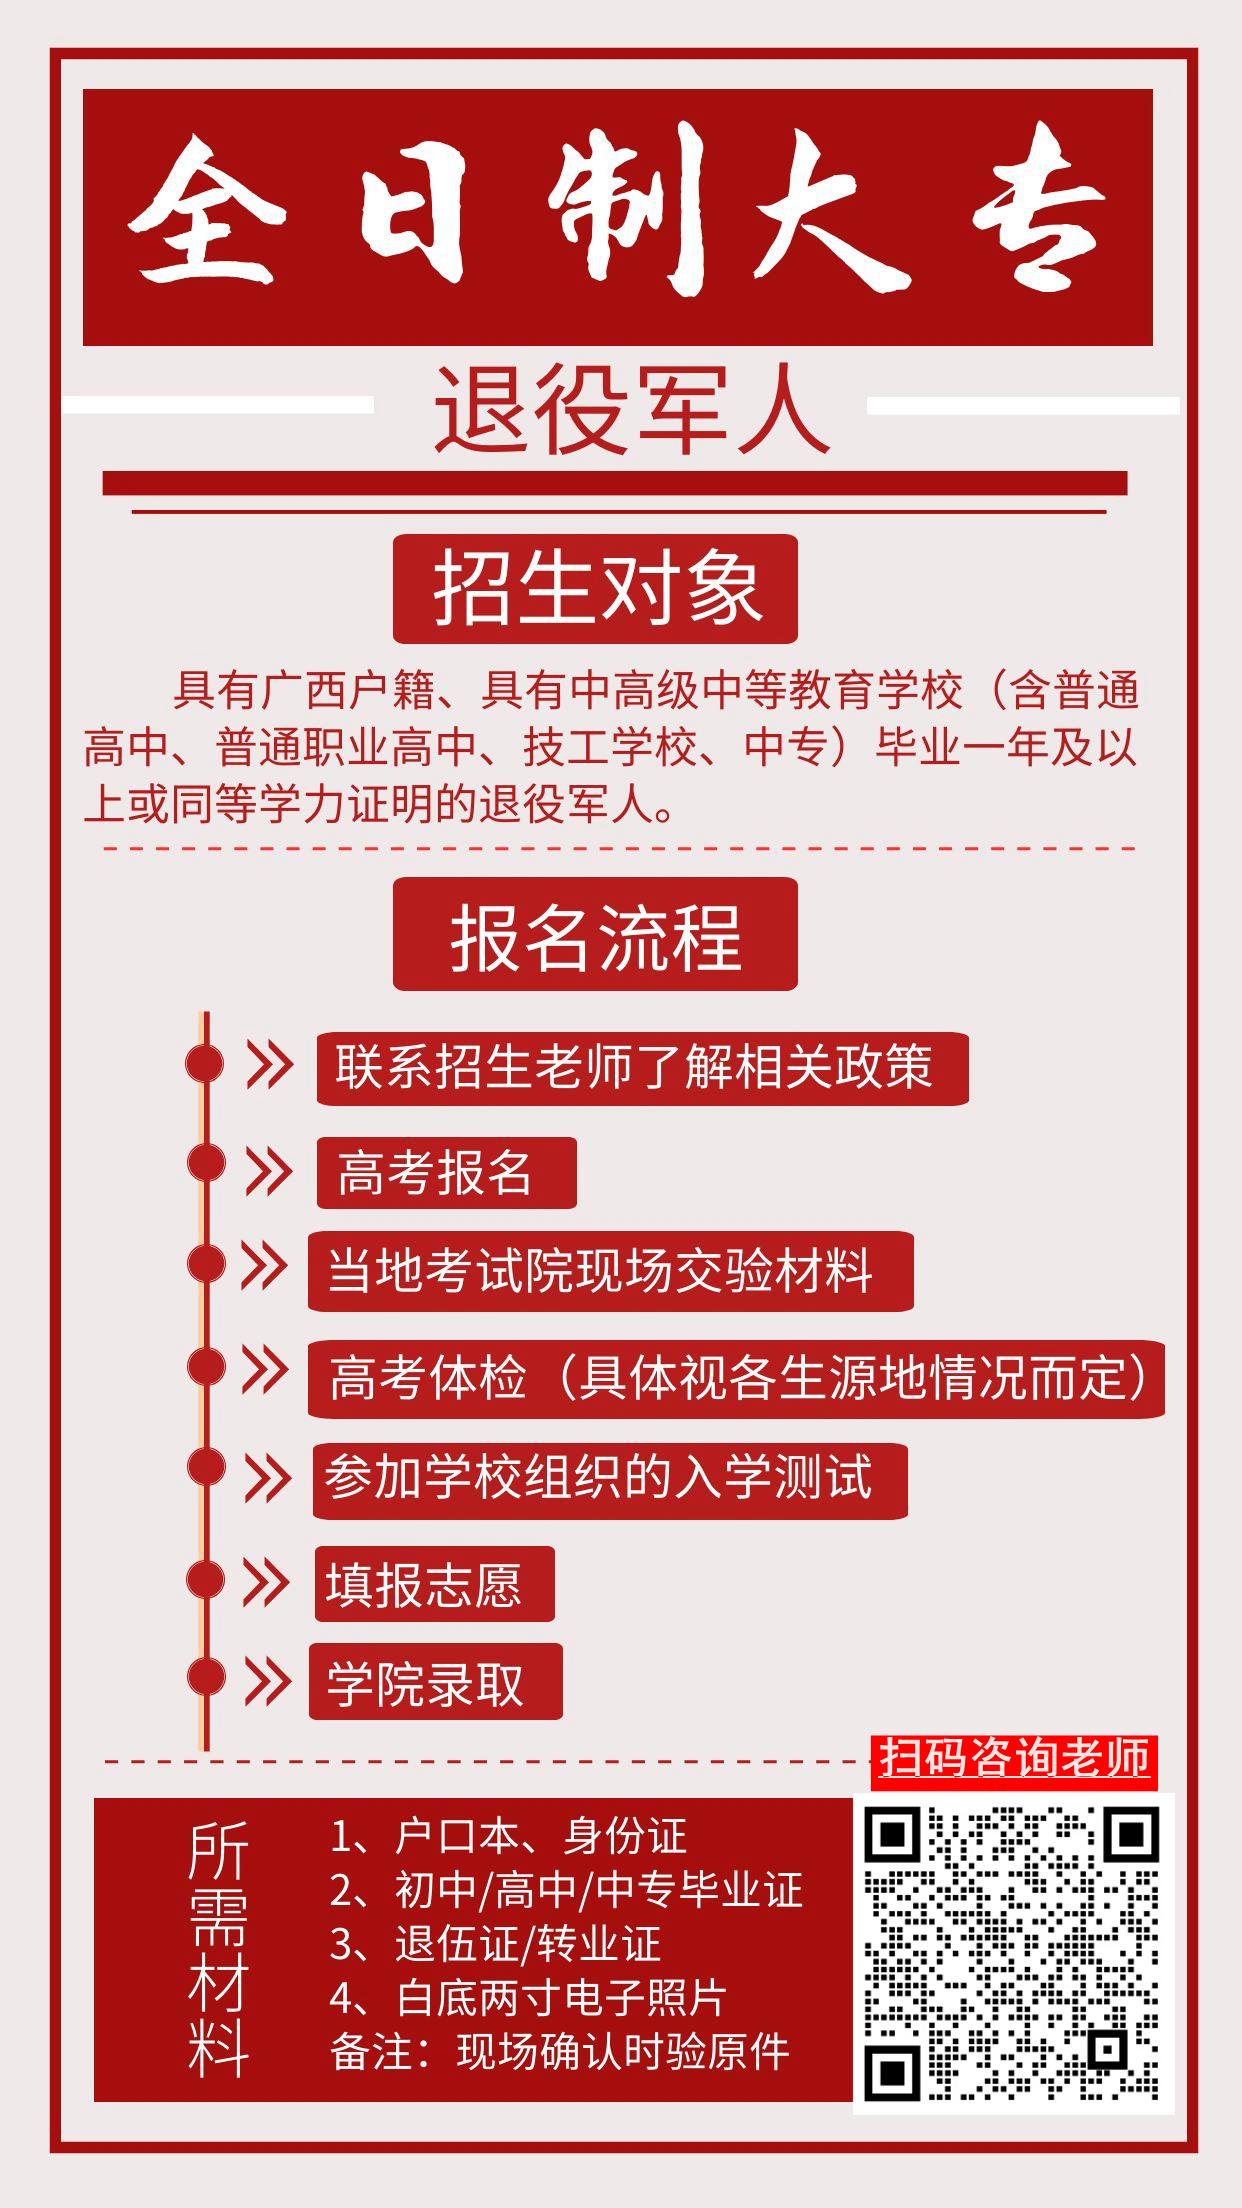 退役军人福利及流程2_副本.png